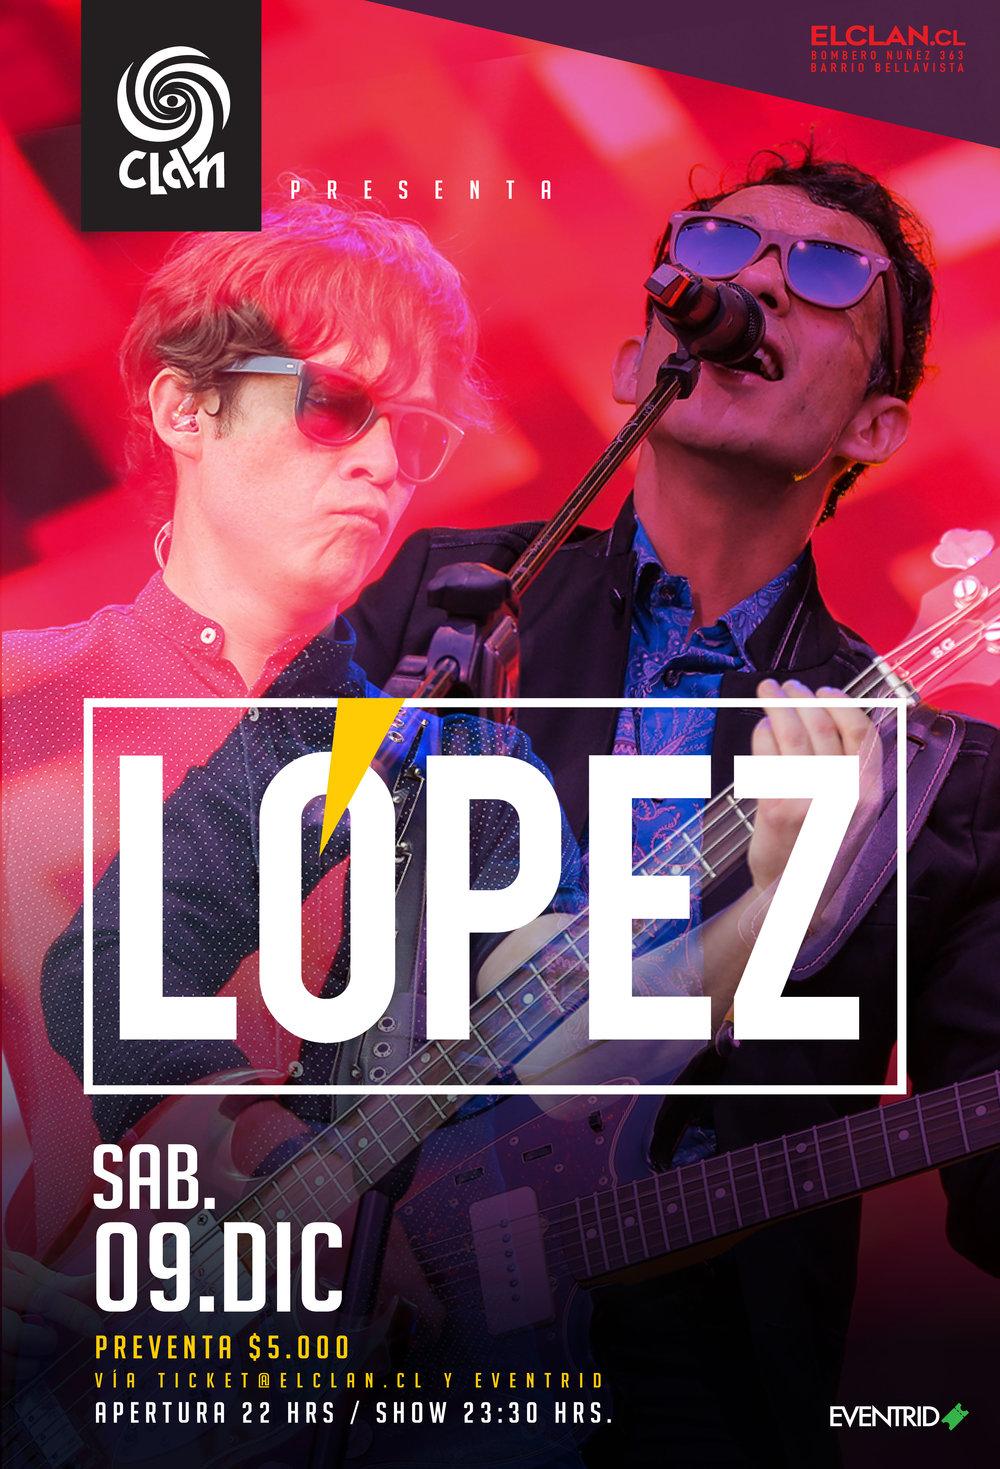 LOPEZ-02.jpg